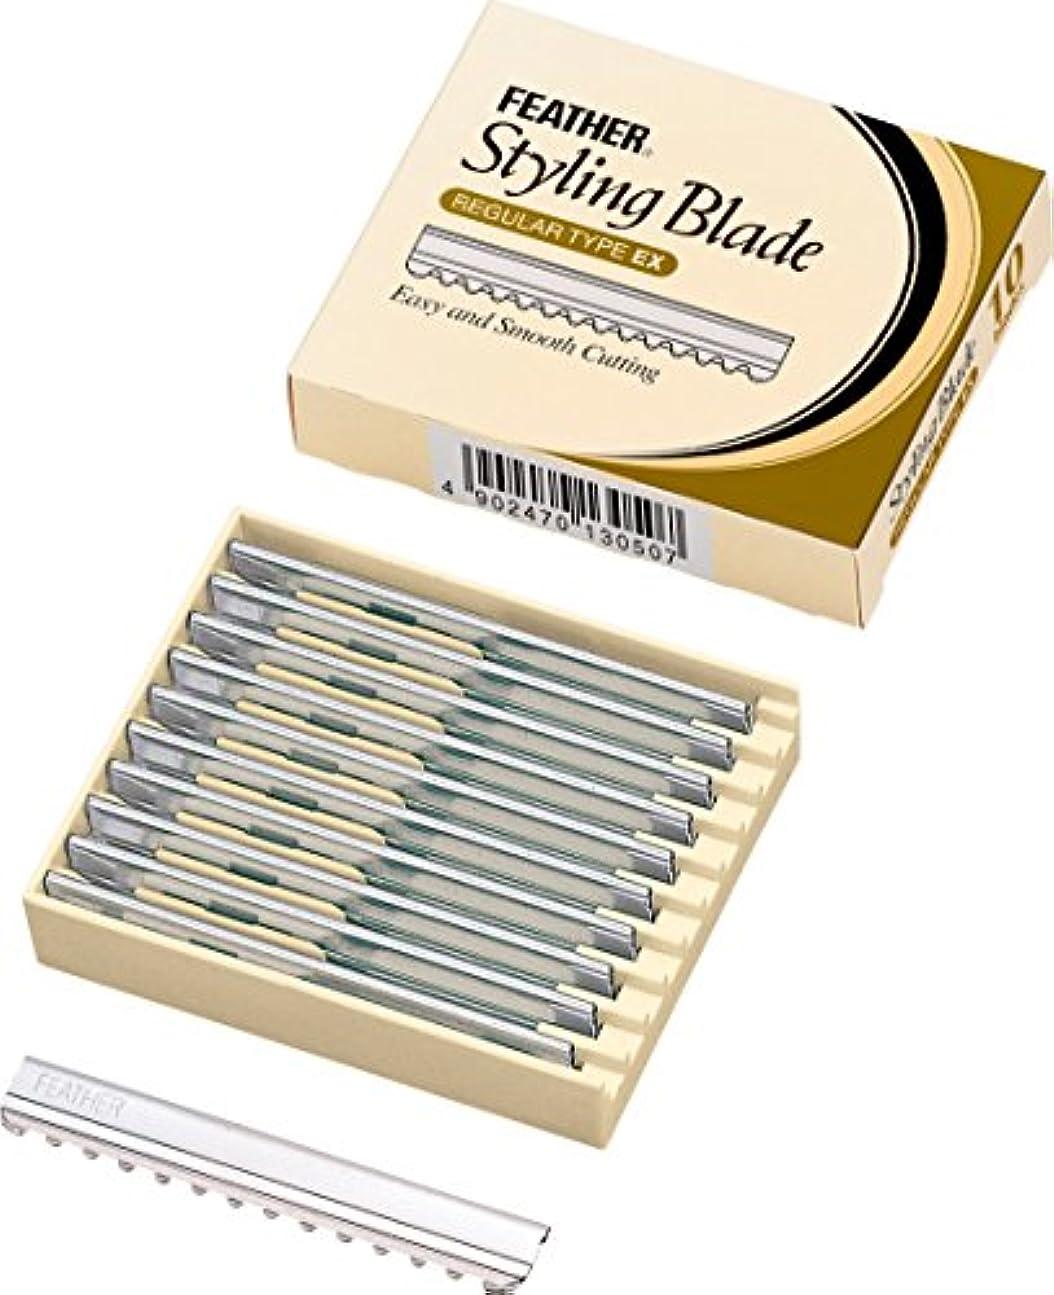 タイプライター同種の伝説フェザー スタイリングブレイド レギュラータイプEX 10枚